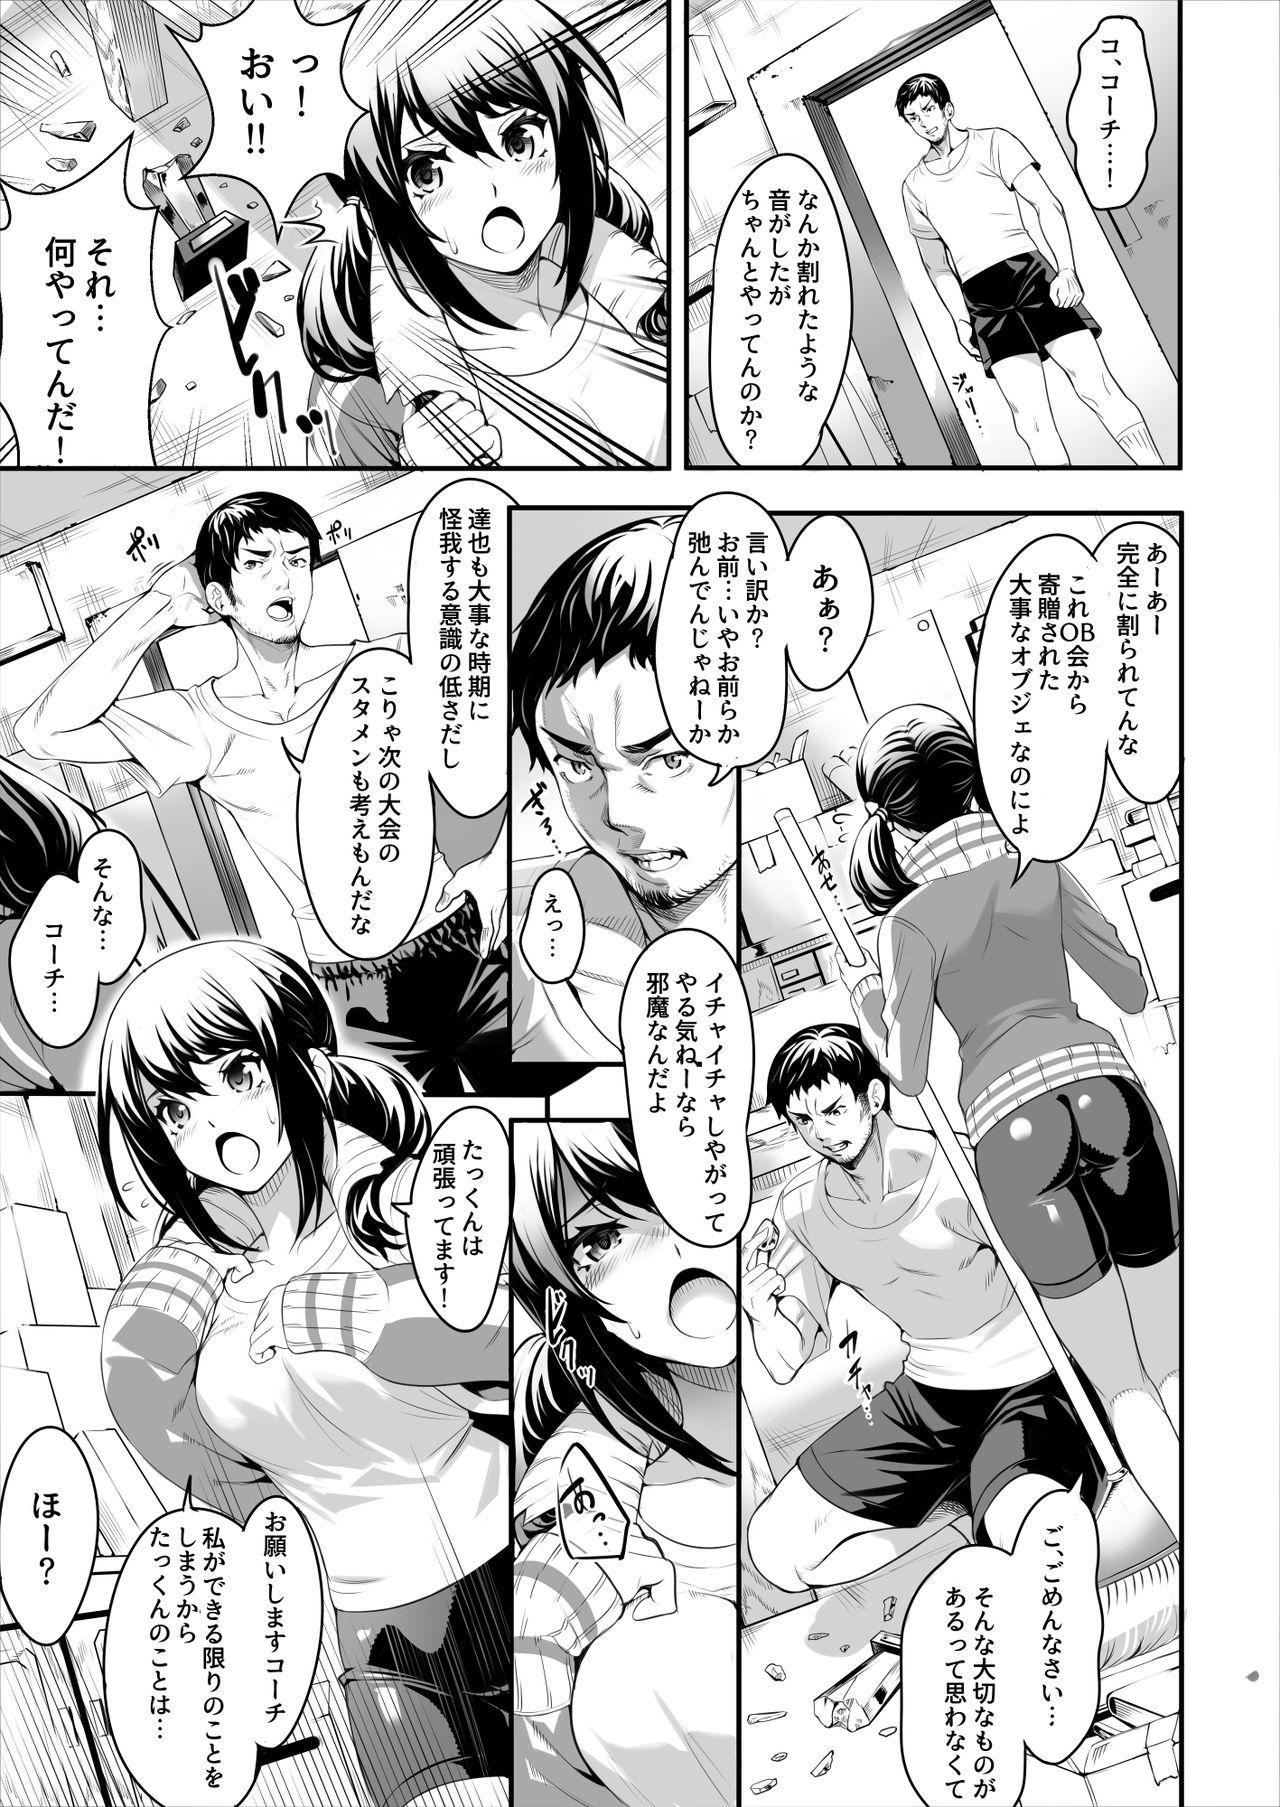 Netorareta Joshi Manager ga Jitsuwa Inran Datta. 5